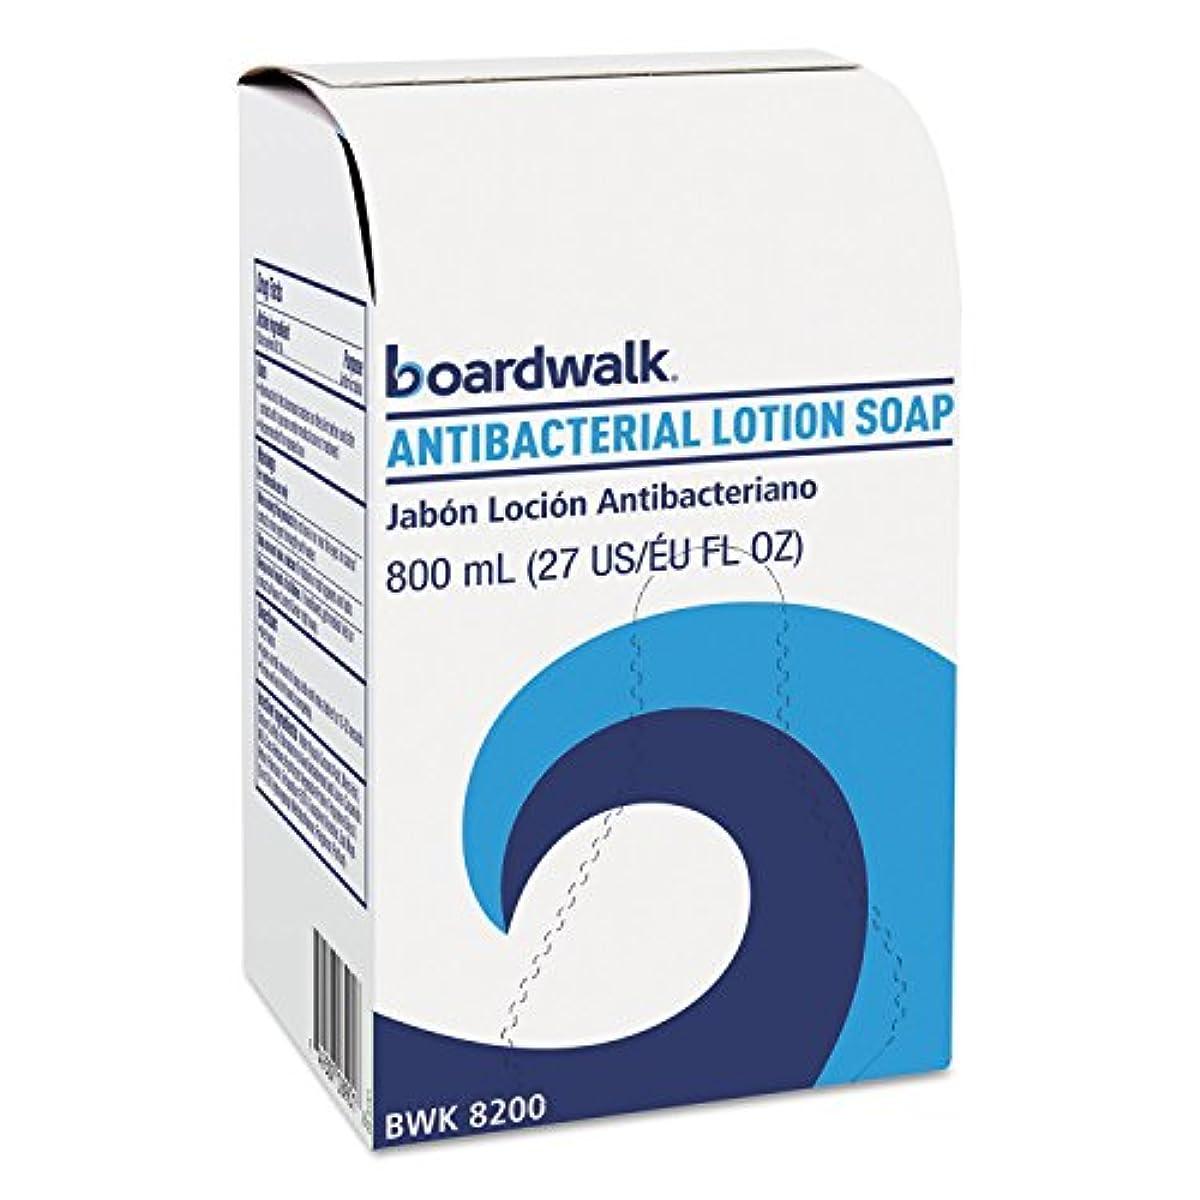 戦略収まる損なうボードウォーク8200 CT Boardwalk抗菌ローションソープbwk8200ct BWK 8200 CT